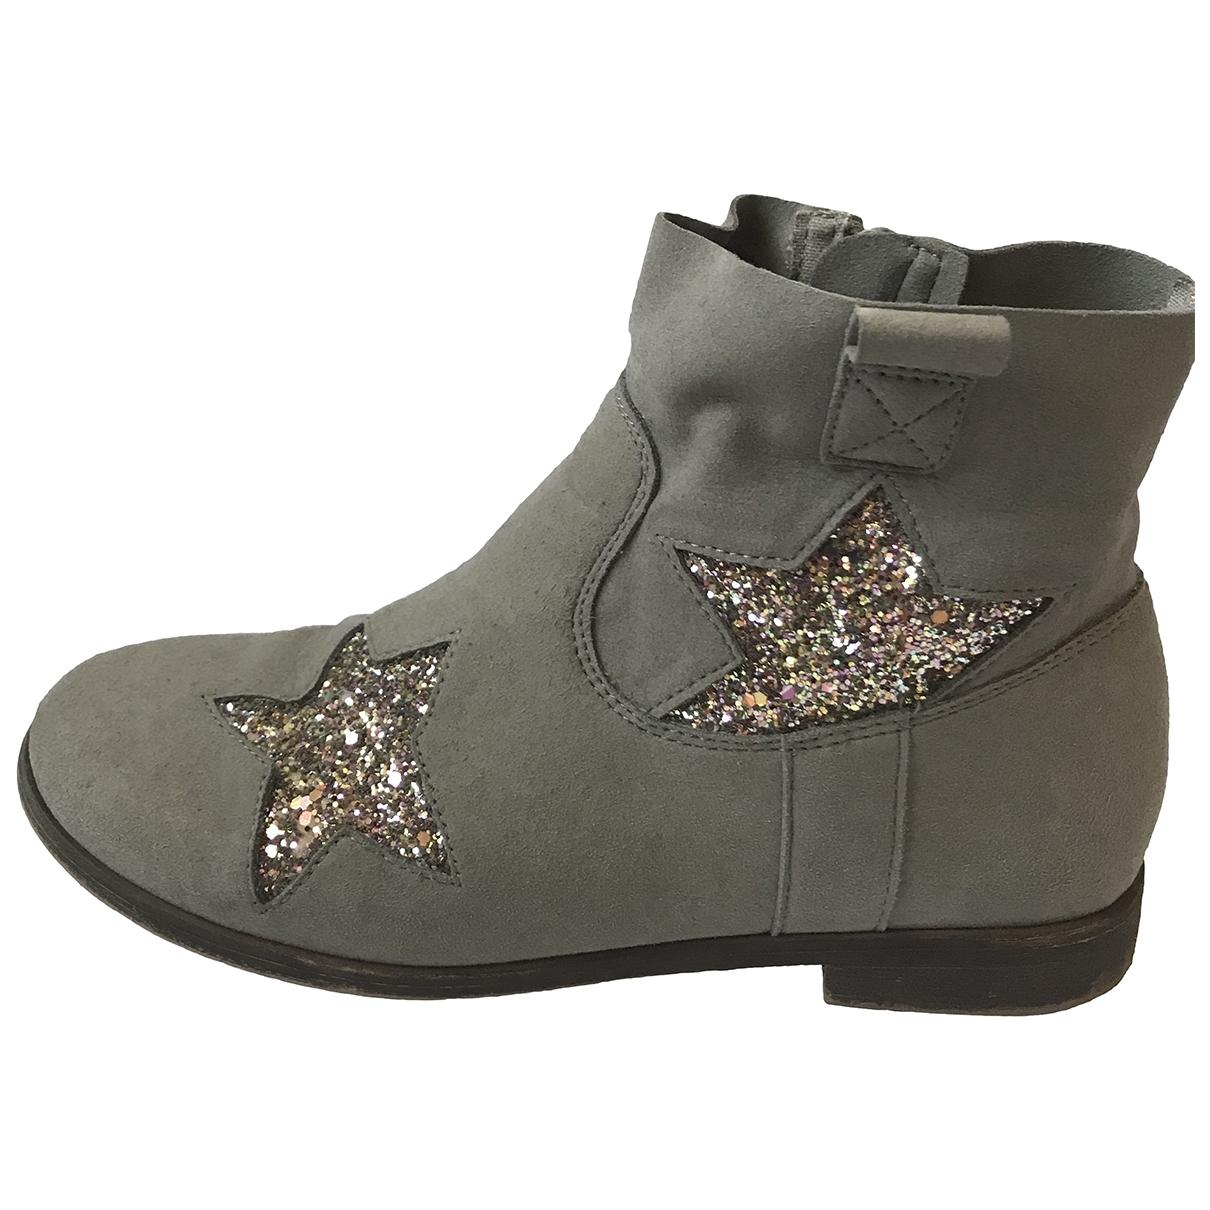 Botas de Lona Zara